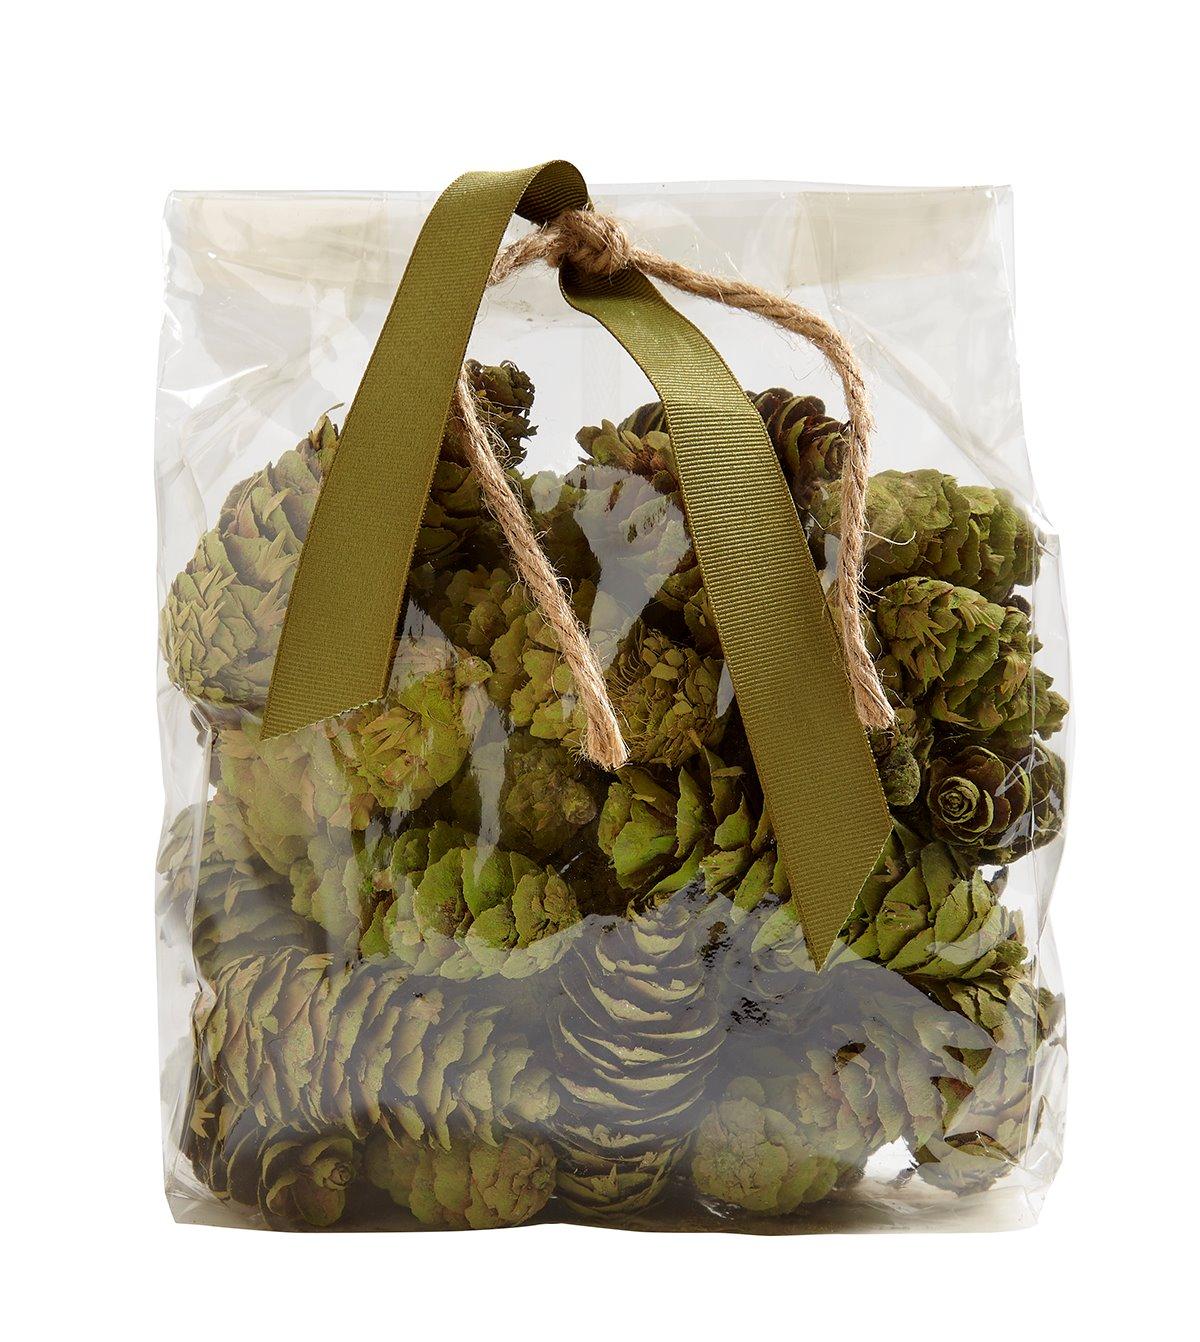 Fig & Fir Potpourri 17 oz by Hillhouse Naturals